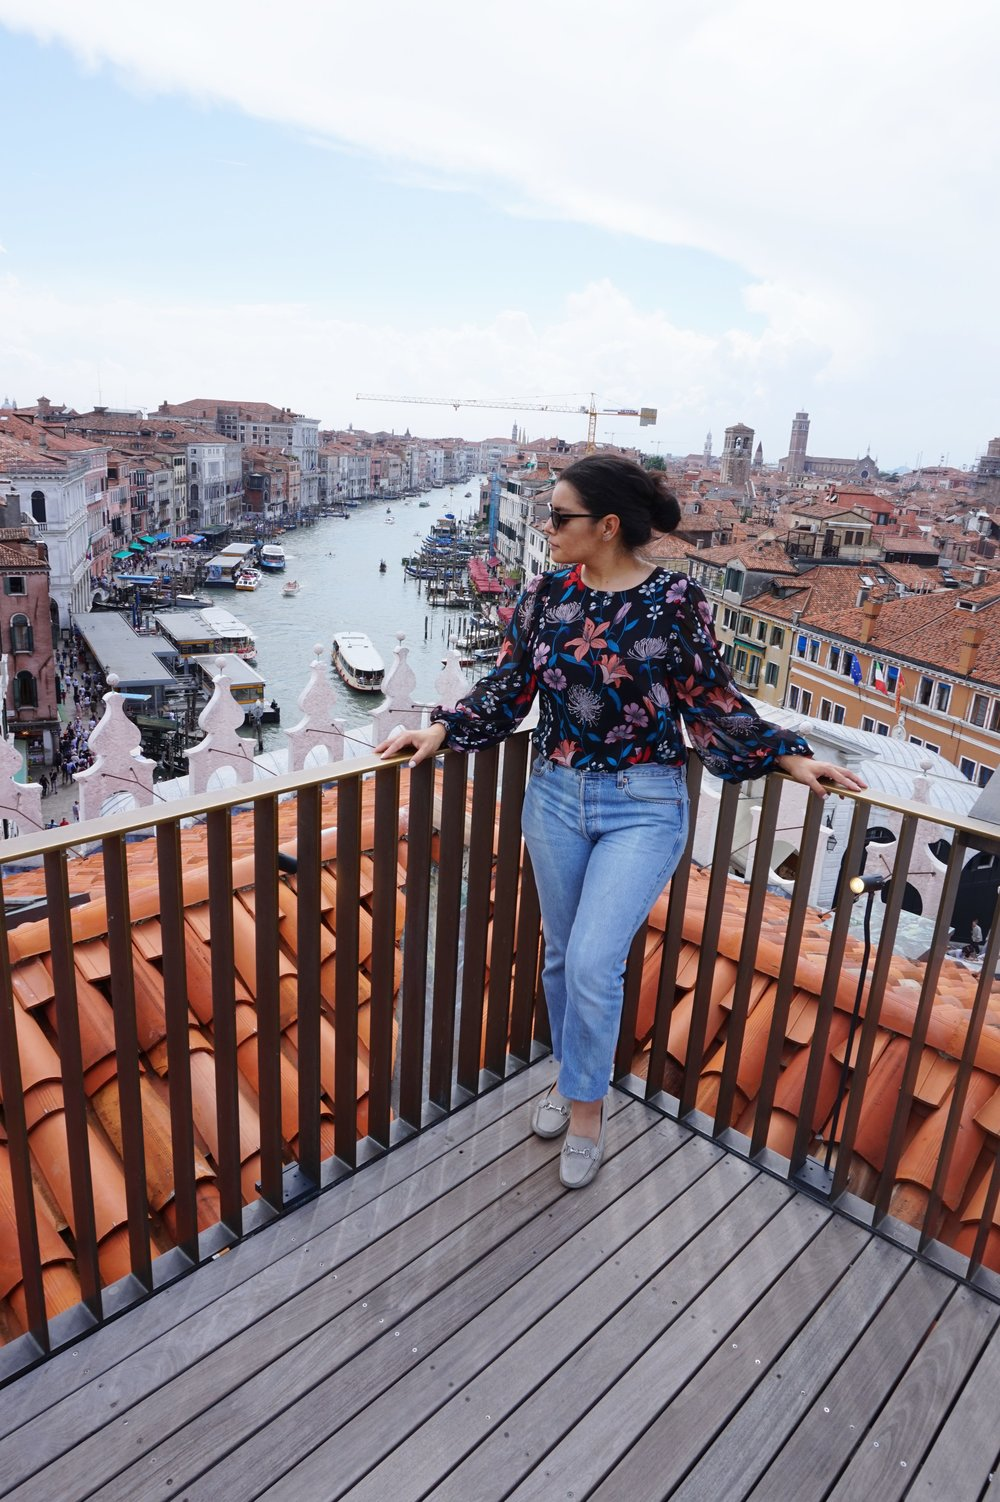 T Fondaco dei Tedeschi in Venice view